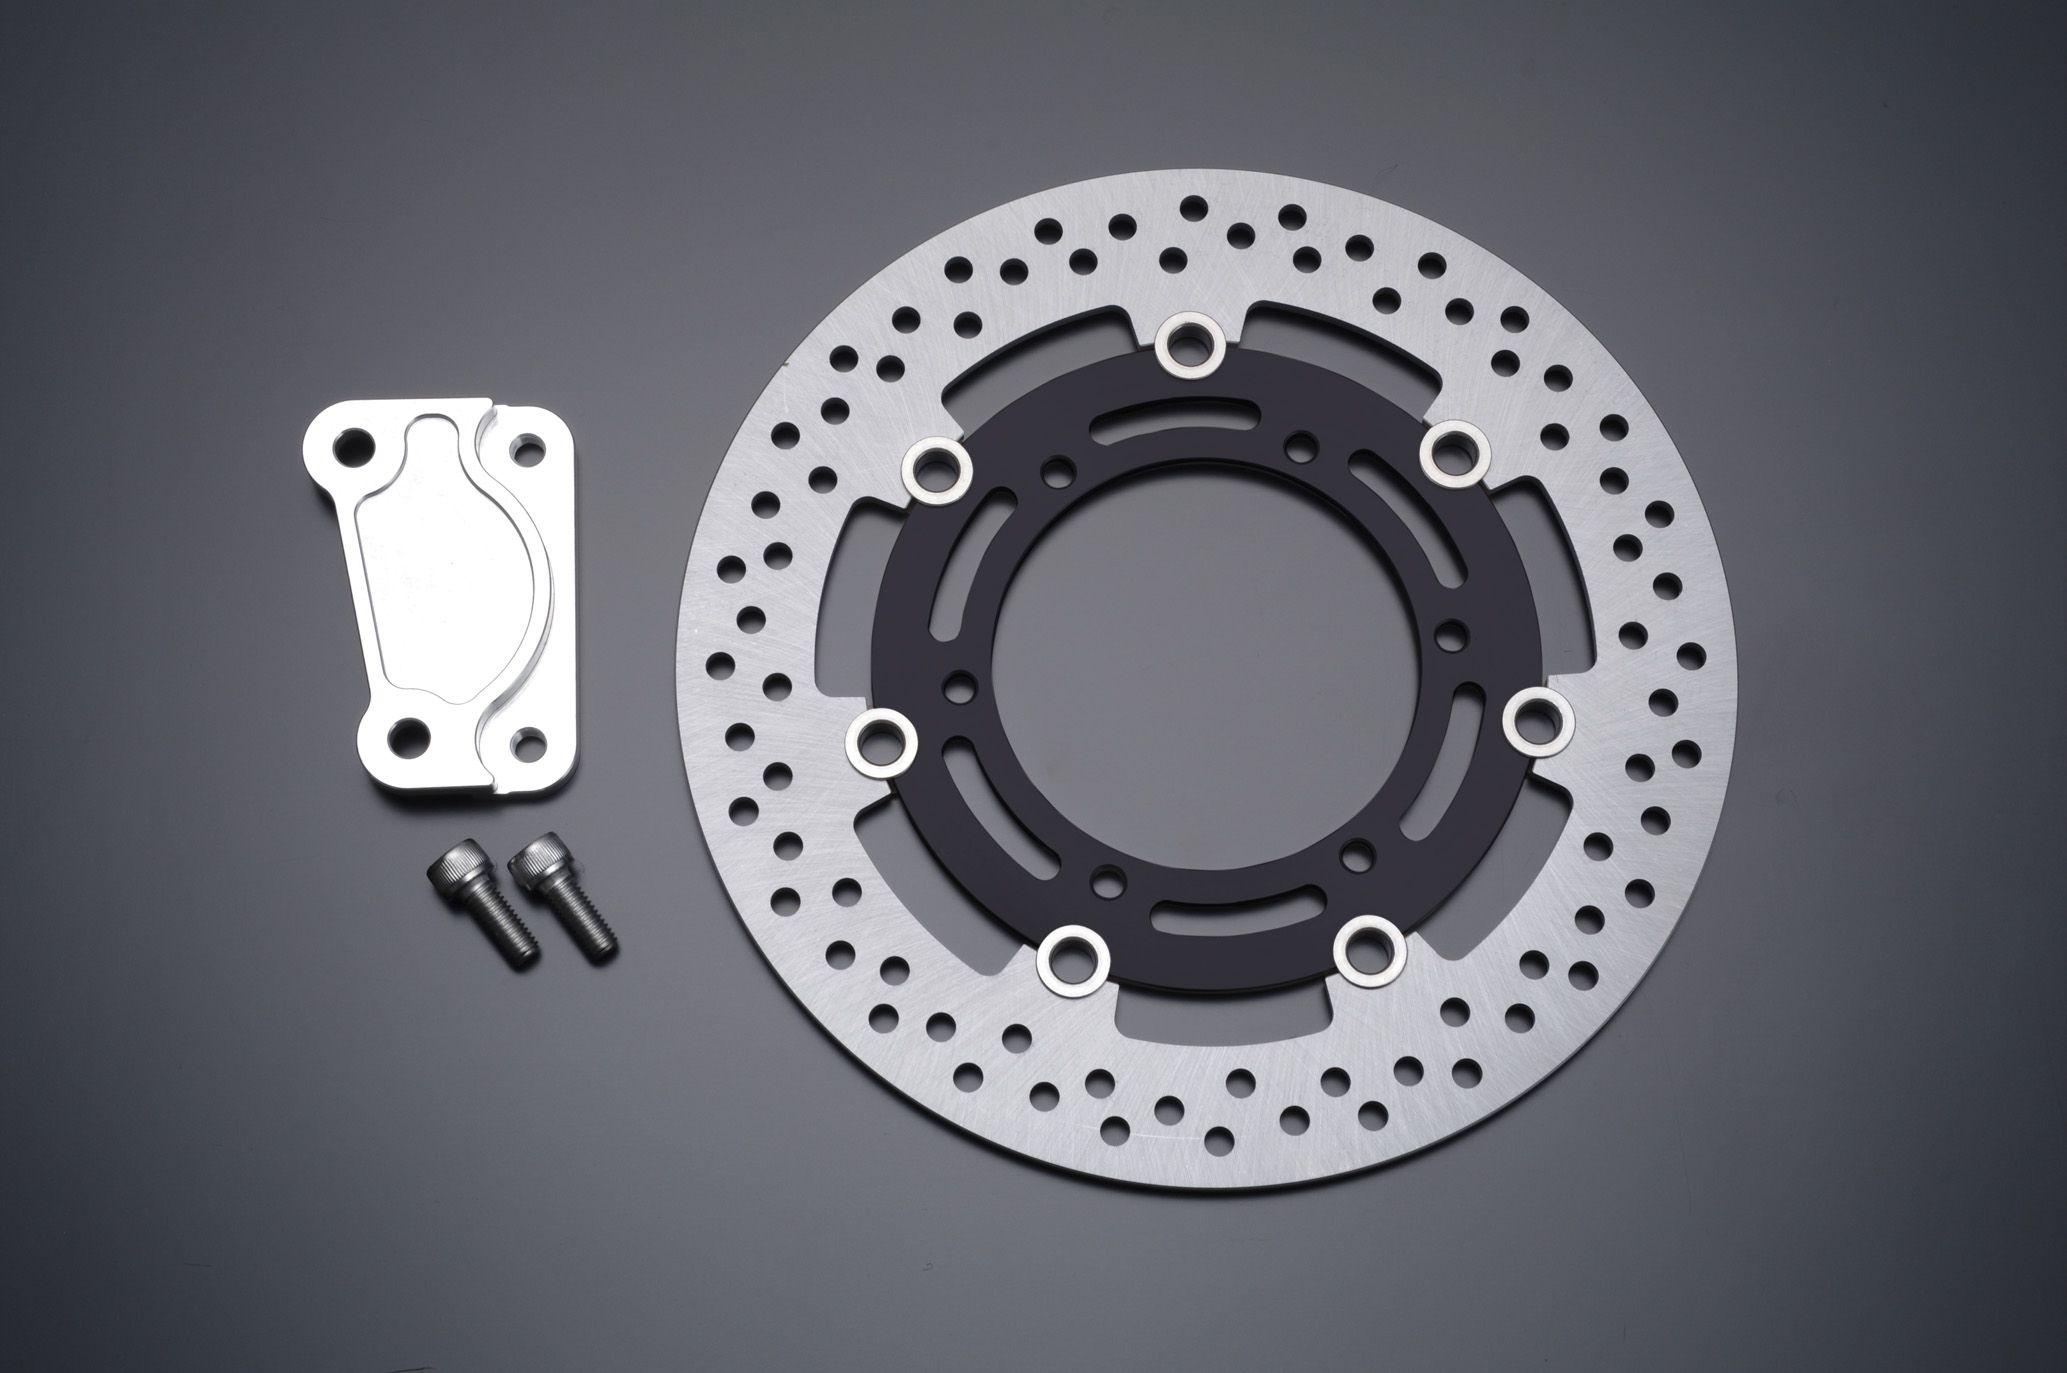 Φ285 煞車碟盤套件 Brembo用 (黑色) (40mmPitch)